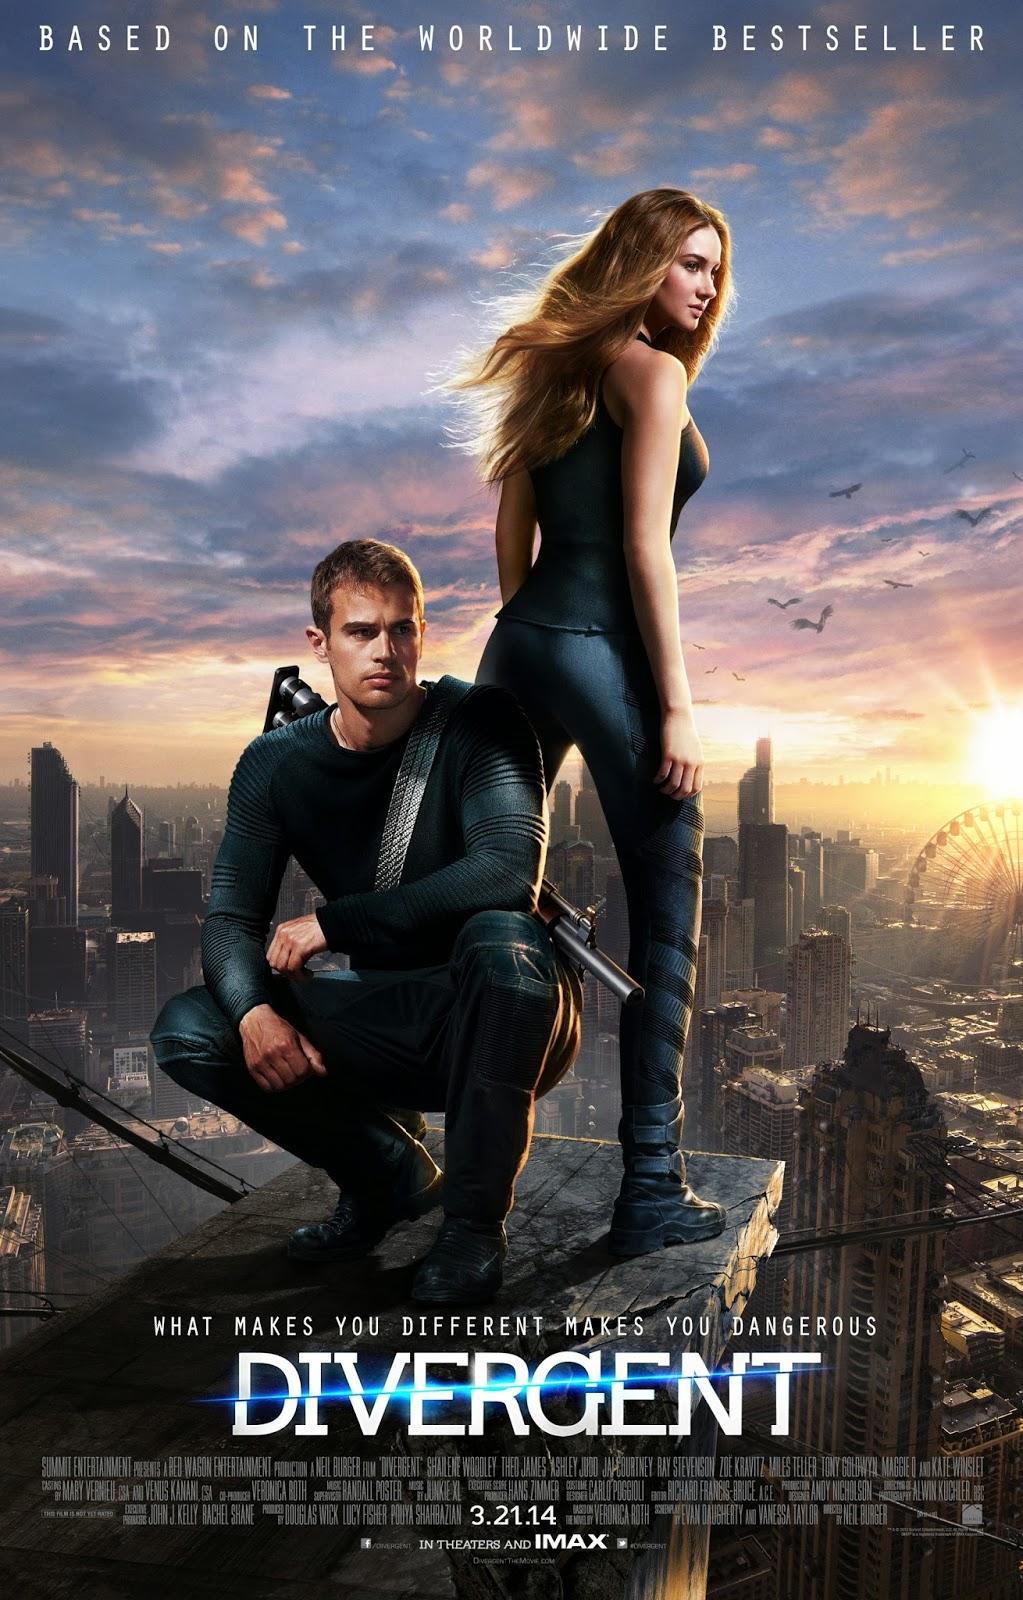 Divergent Movie Online Free | Download Divergent Movie Online Free